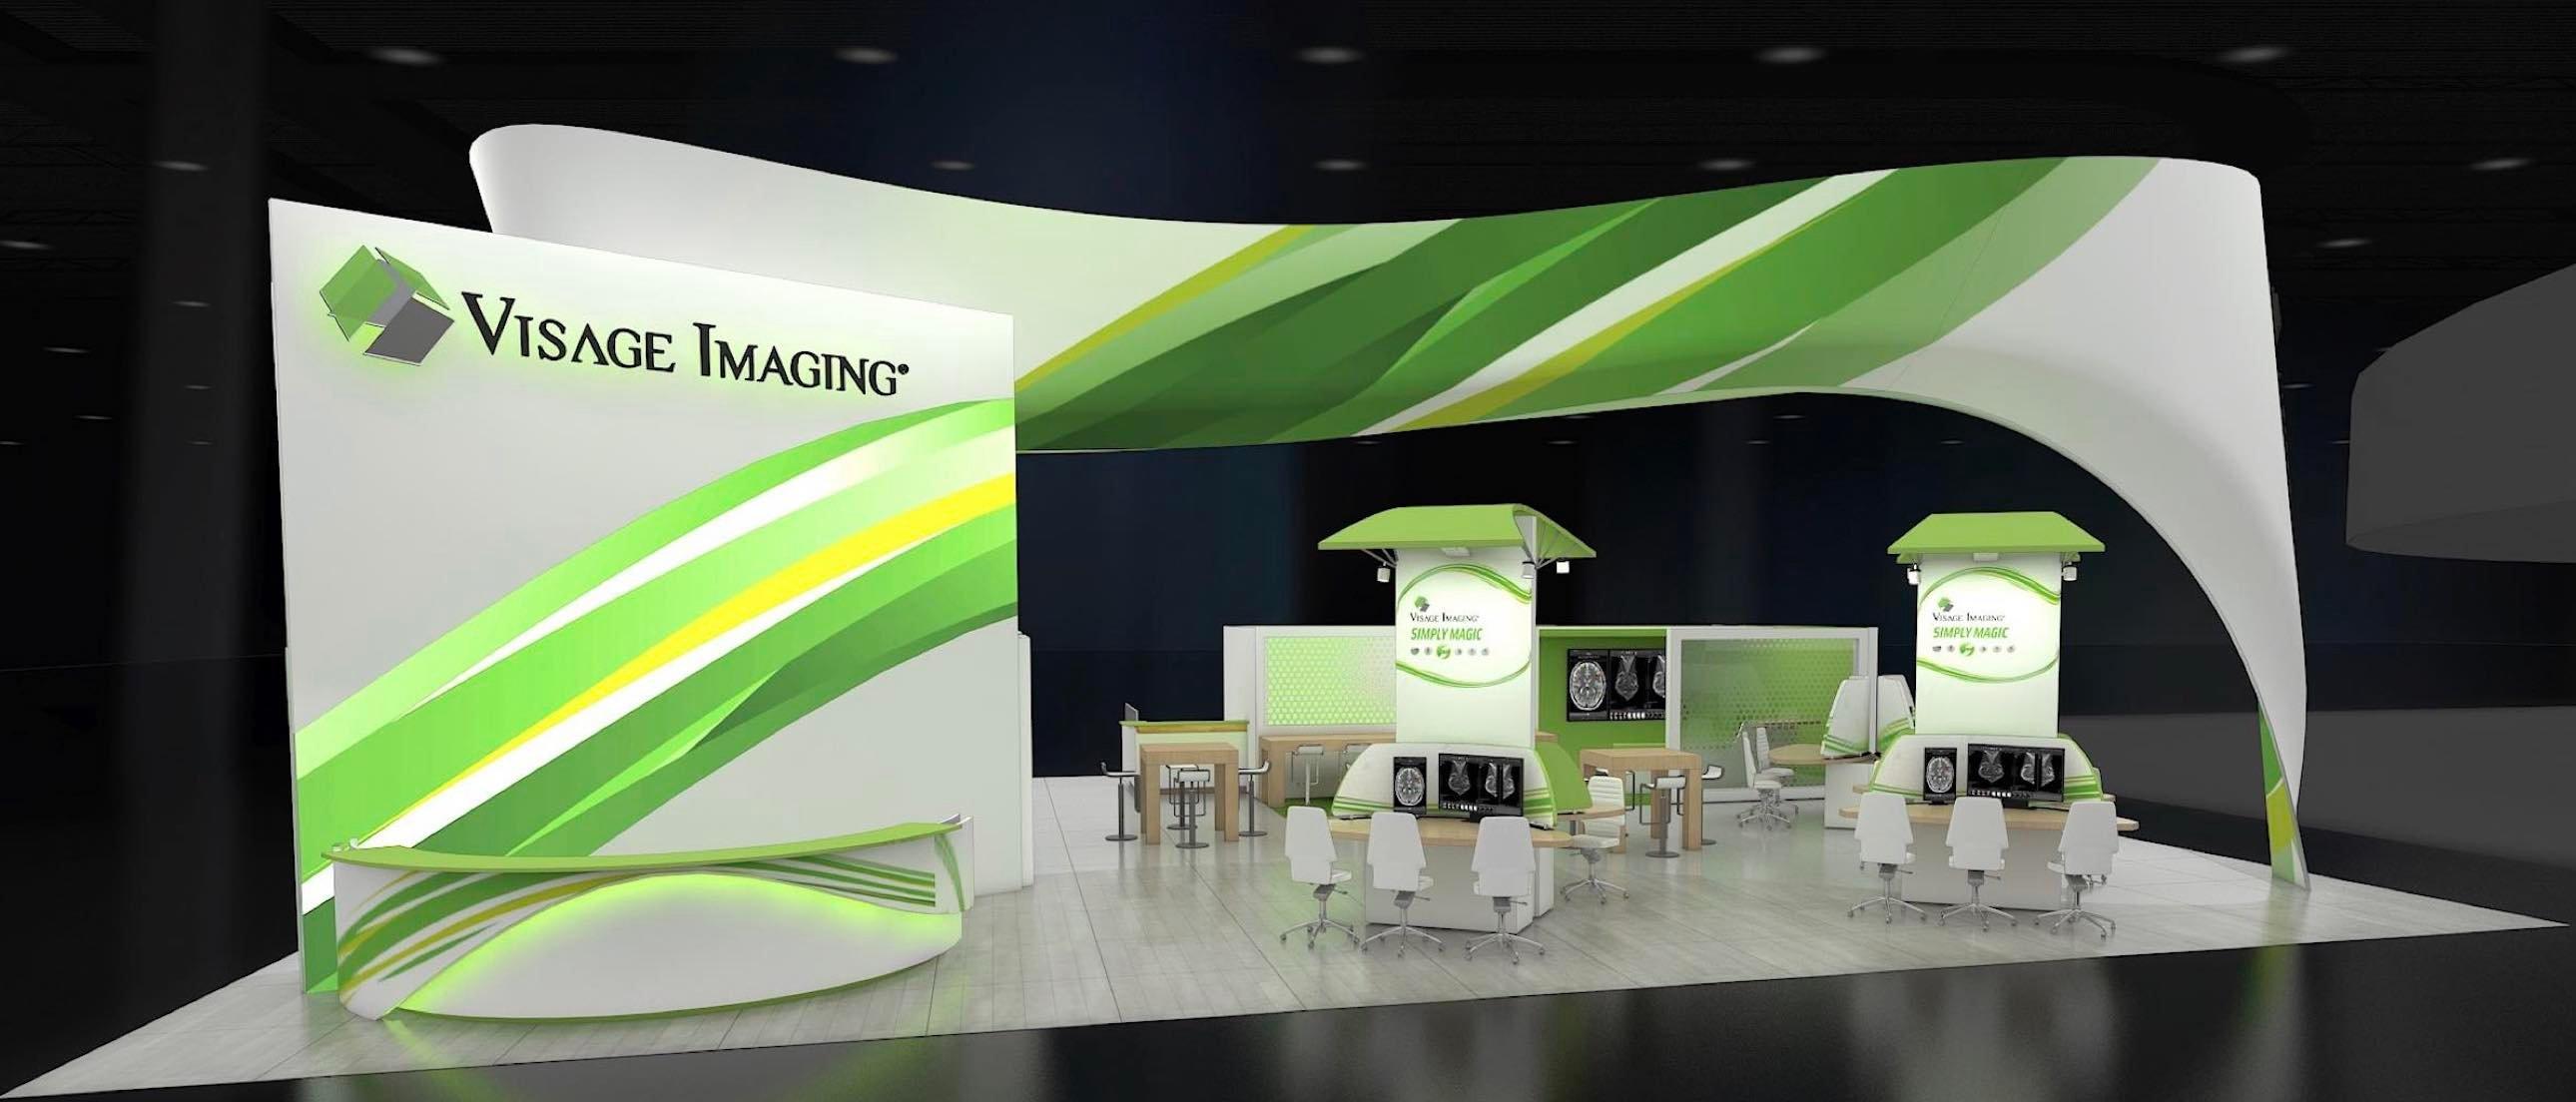 Visage Imaging at RSNA 2018